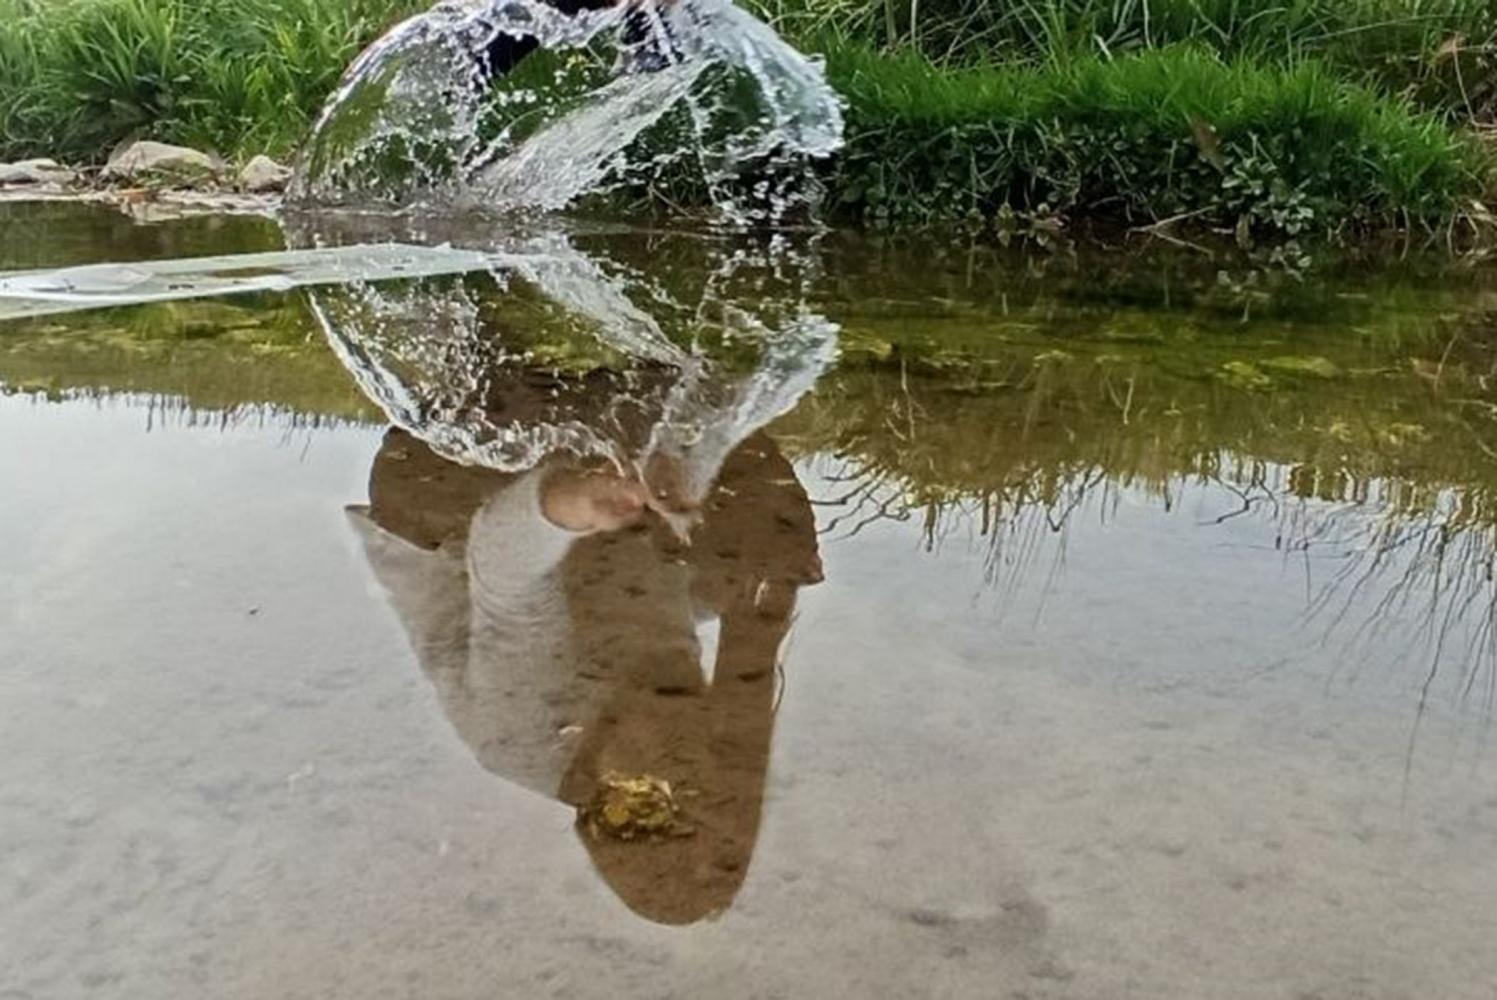 vrednosti-vode-ne-poznamo-dokler-se-vodnjak-ne-posusi